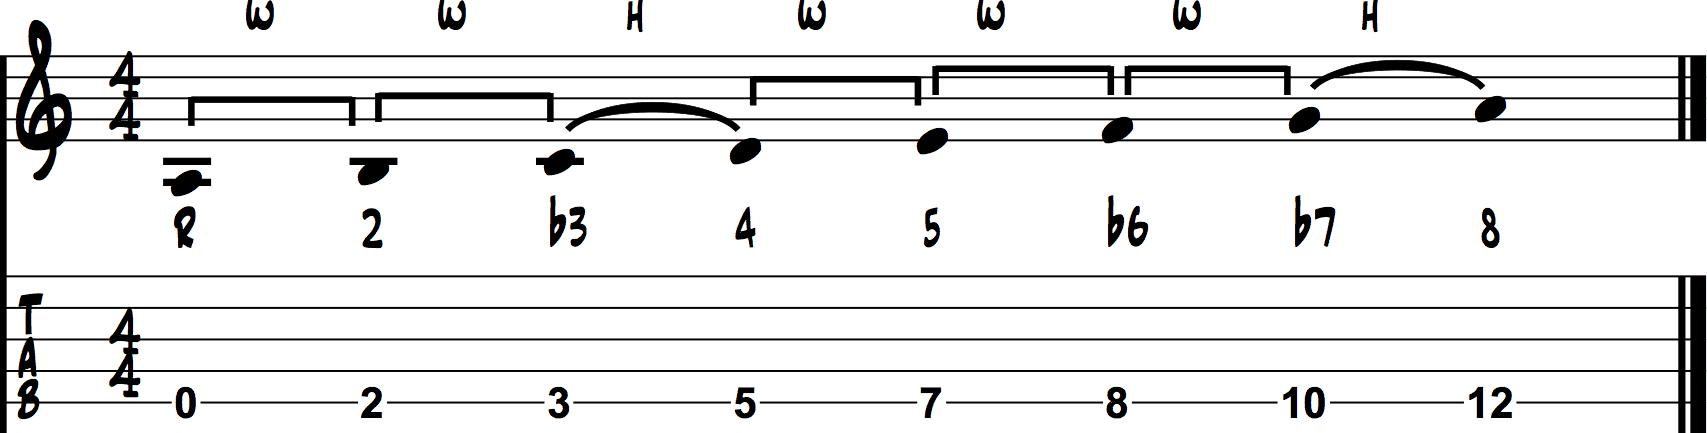 Minor Scale 1